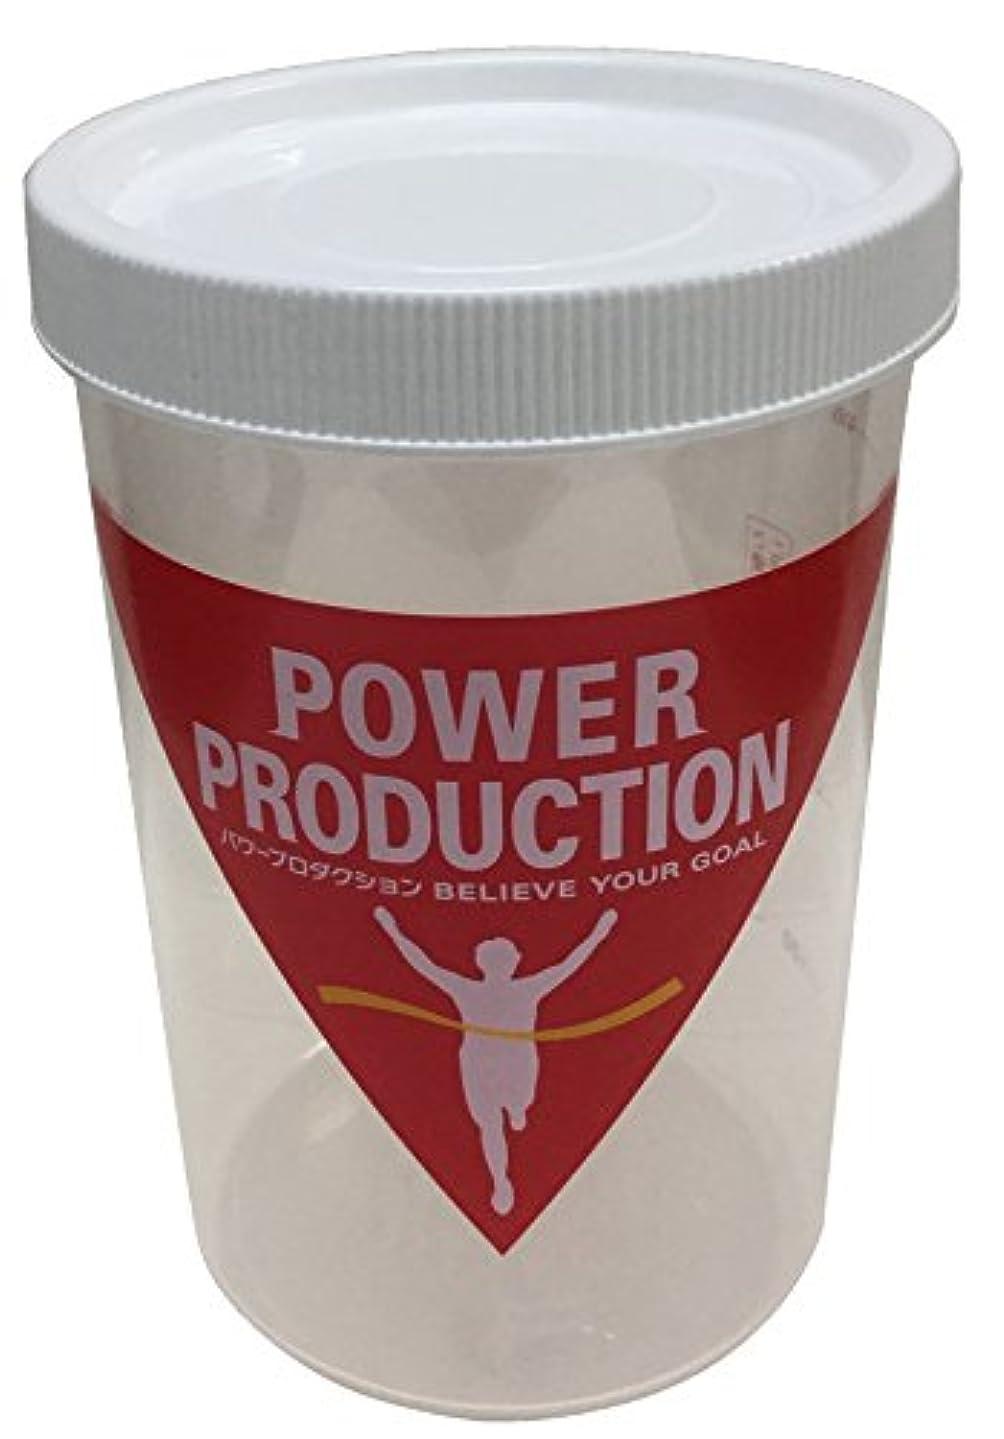 層超えて薬を飲むパワープロダクション プロテインシェーカー ホワイト 500ml